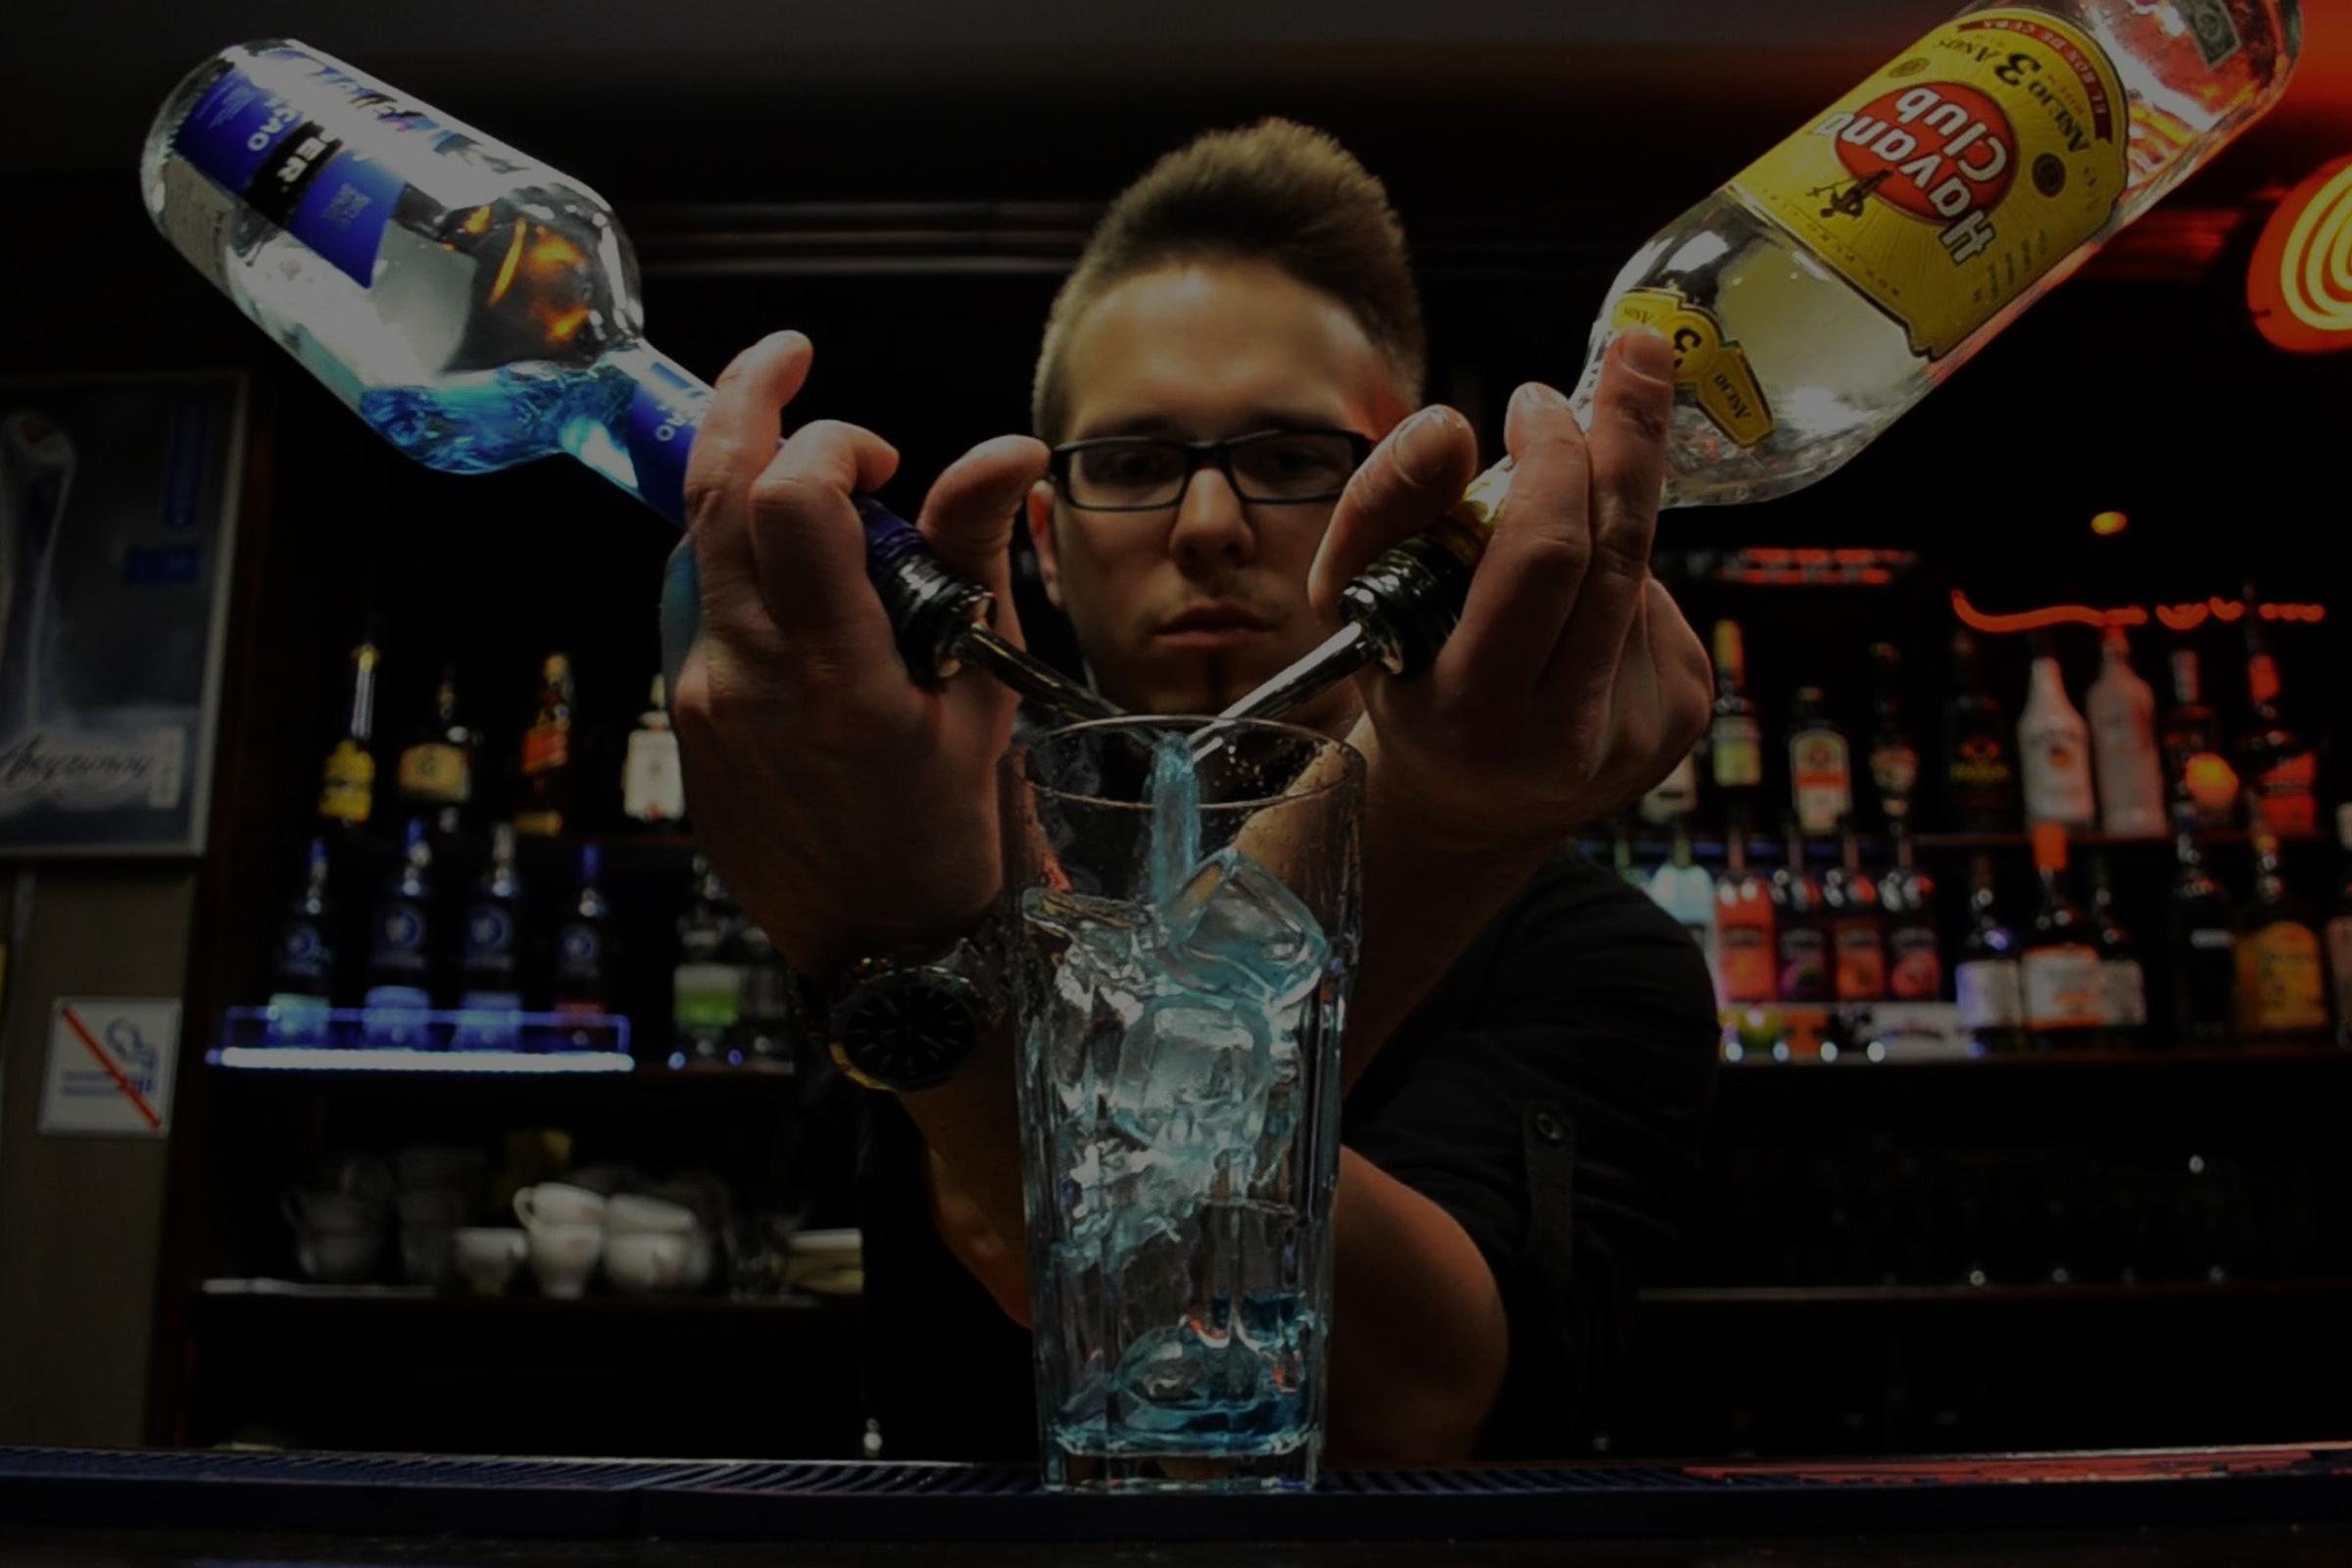 Moderno profesional de barman